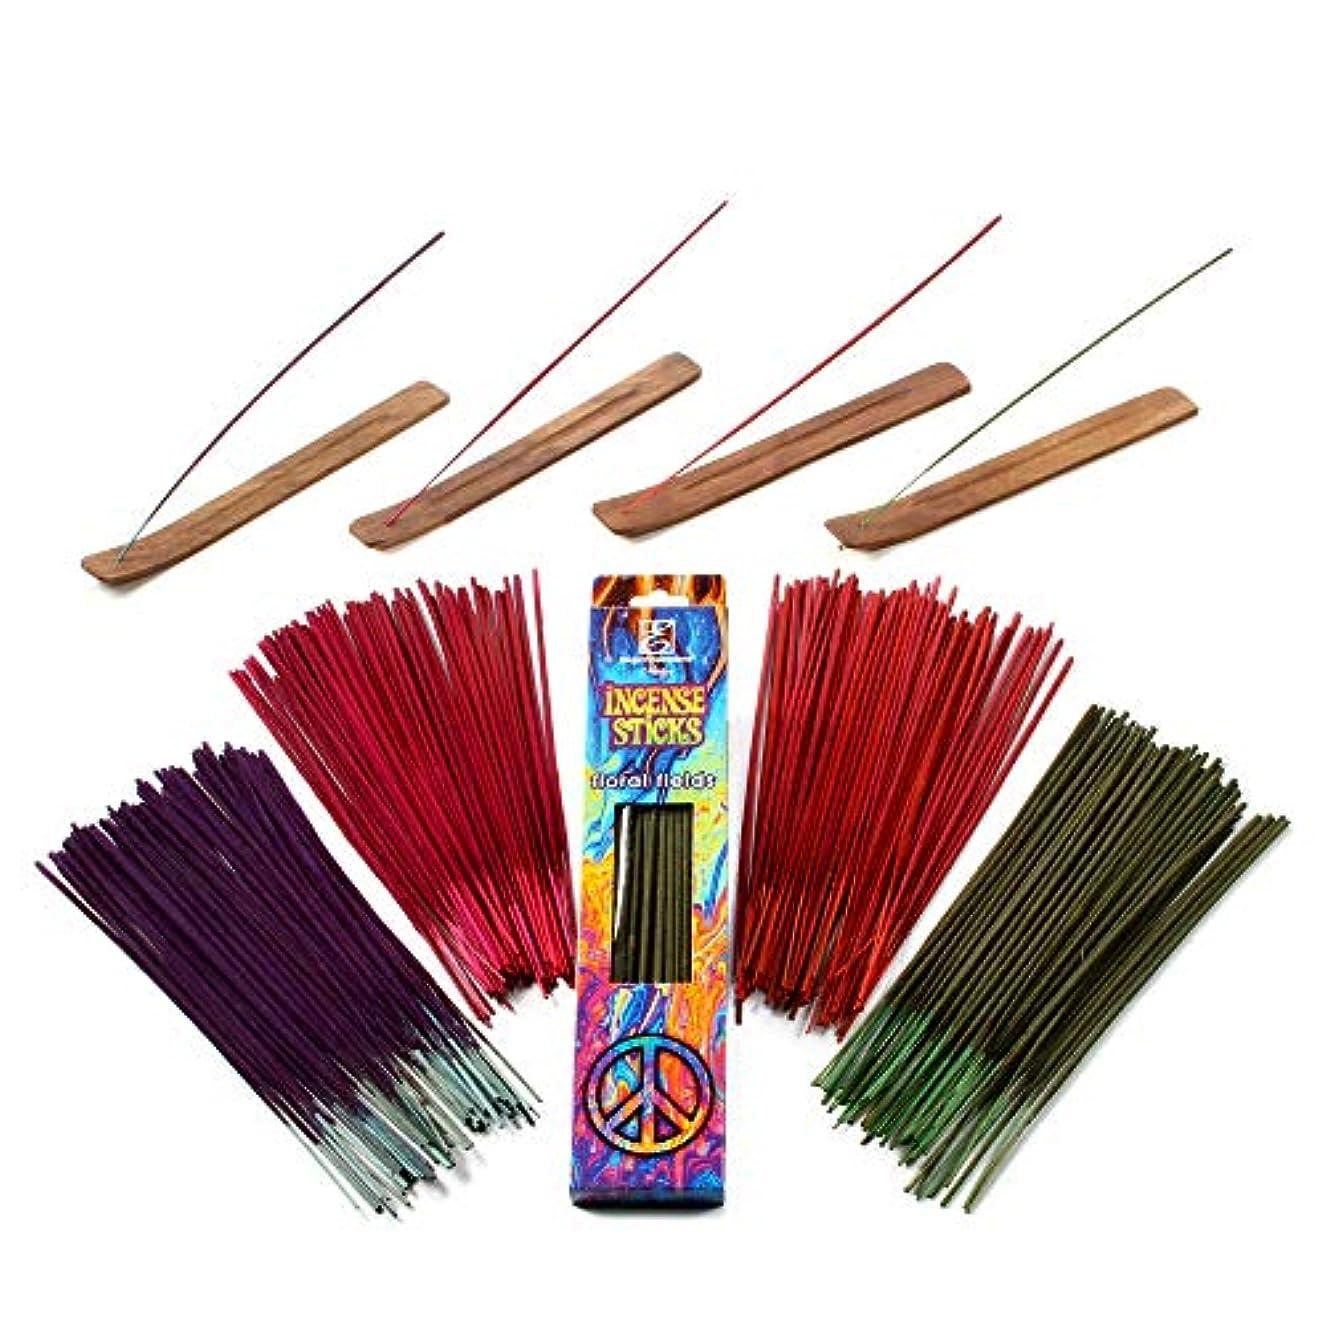 陪審生きる獣Hosley 260パックAssorted Incense Sticksブラックチェリー、花柄フィールド、Mystical Trails、& Strawberry with 4ホルダー理想の結婚式、Spa ,レイキ、アロマセラピー...